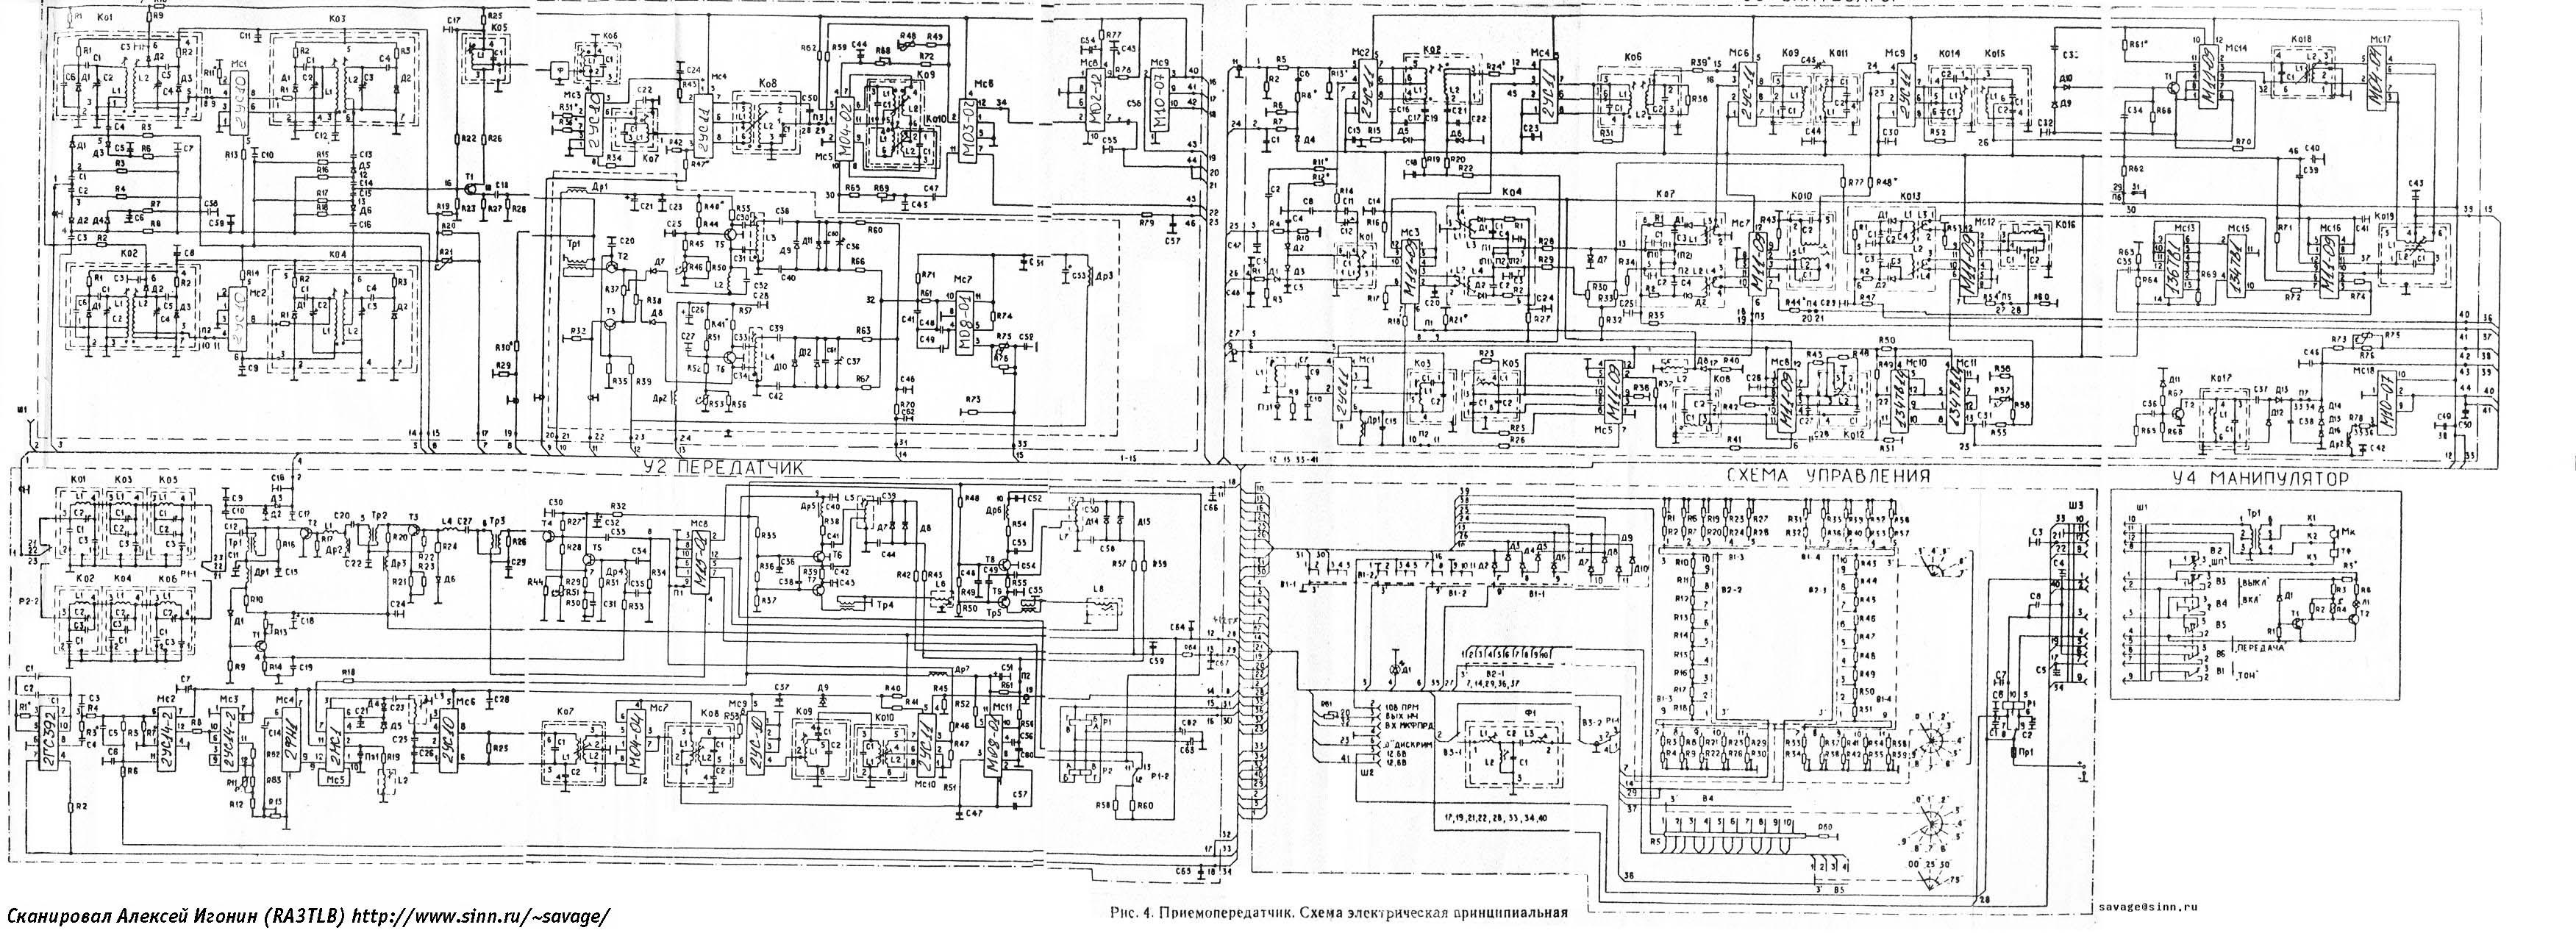 Р-158 - принципиальная схема